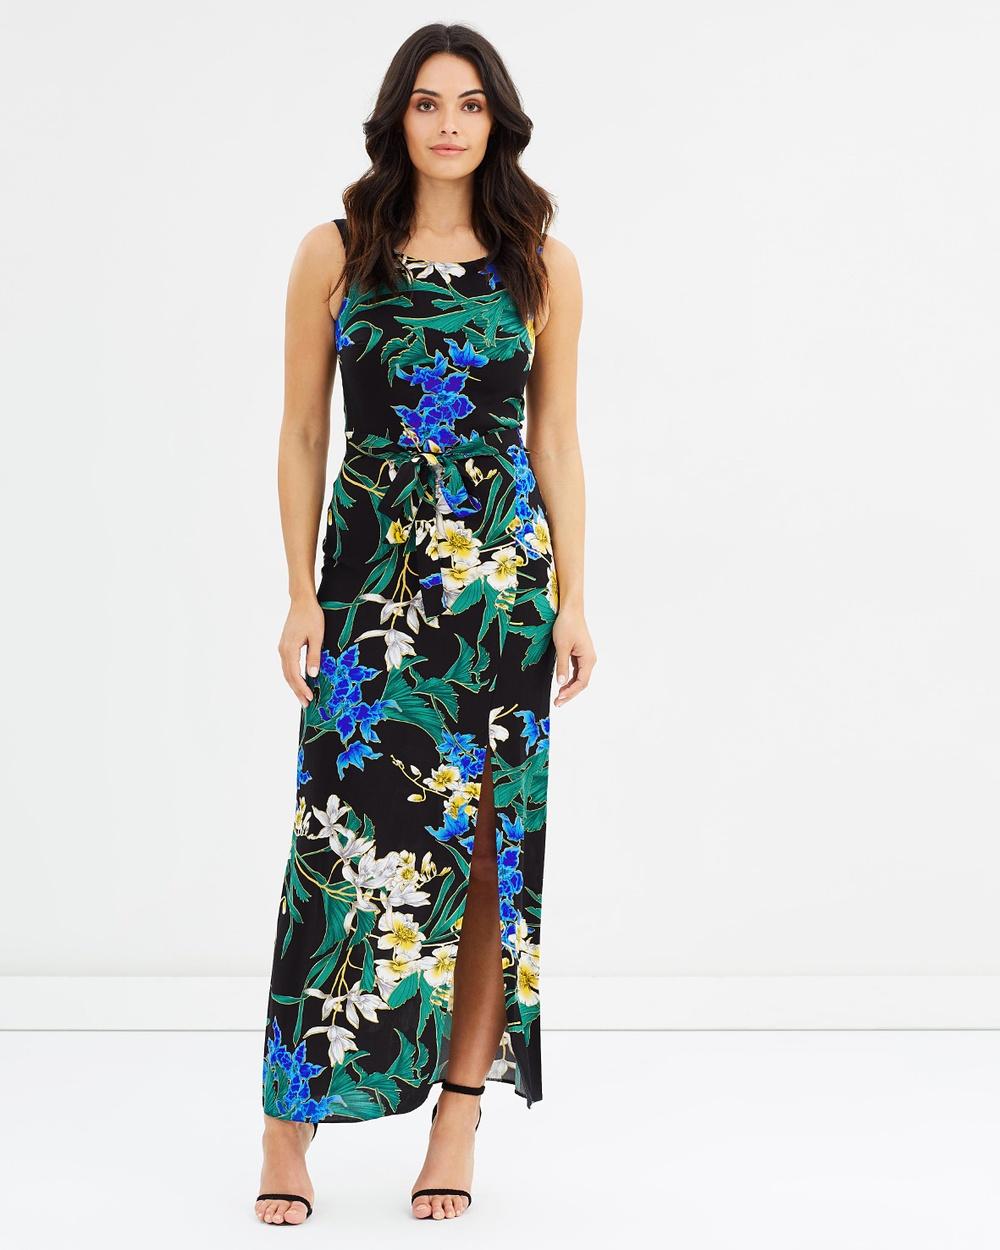 Dorothy Perkins Printed Maxi Dress Dresses Black Printed Maxi Dress